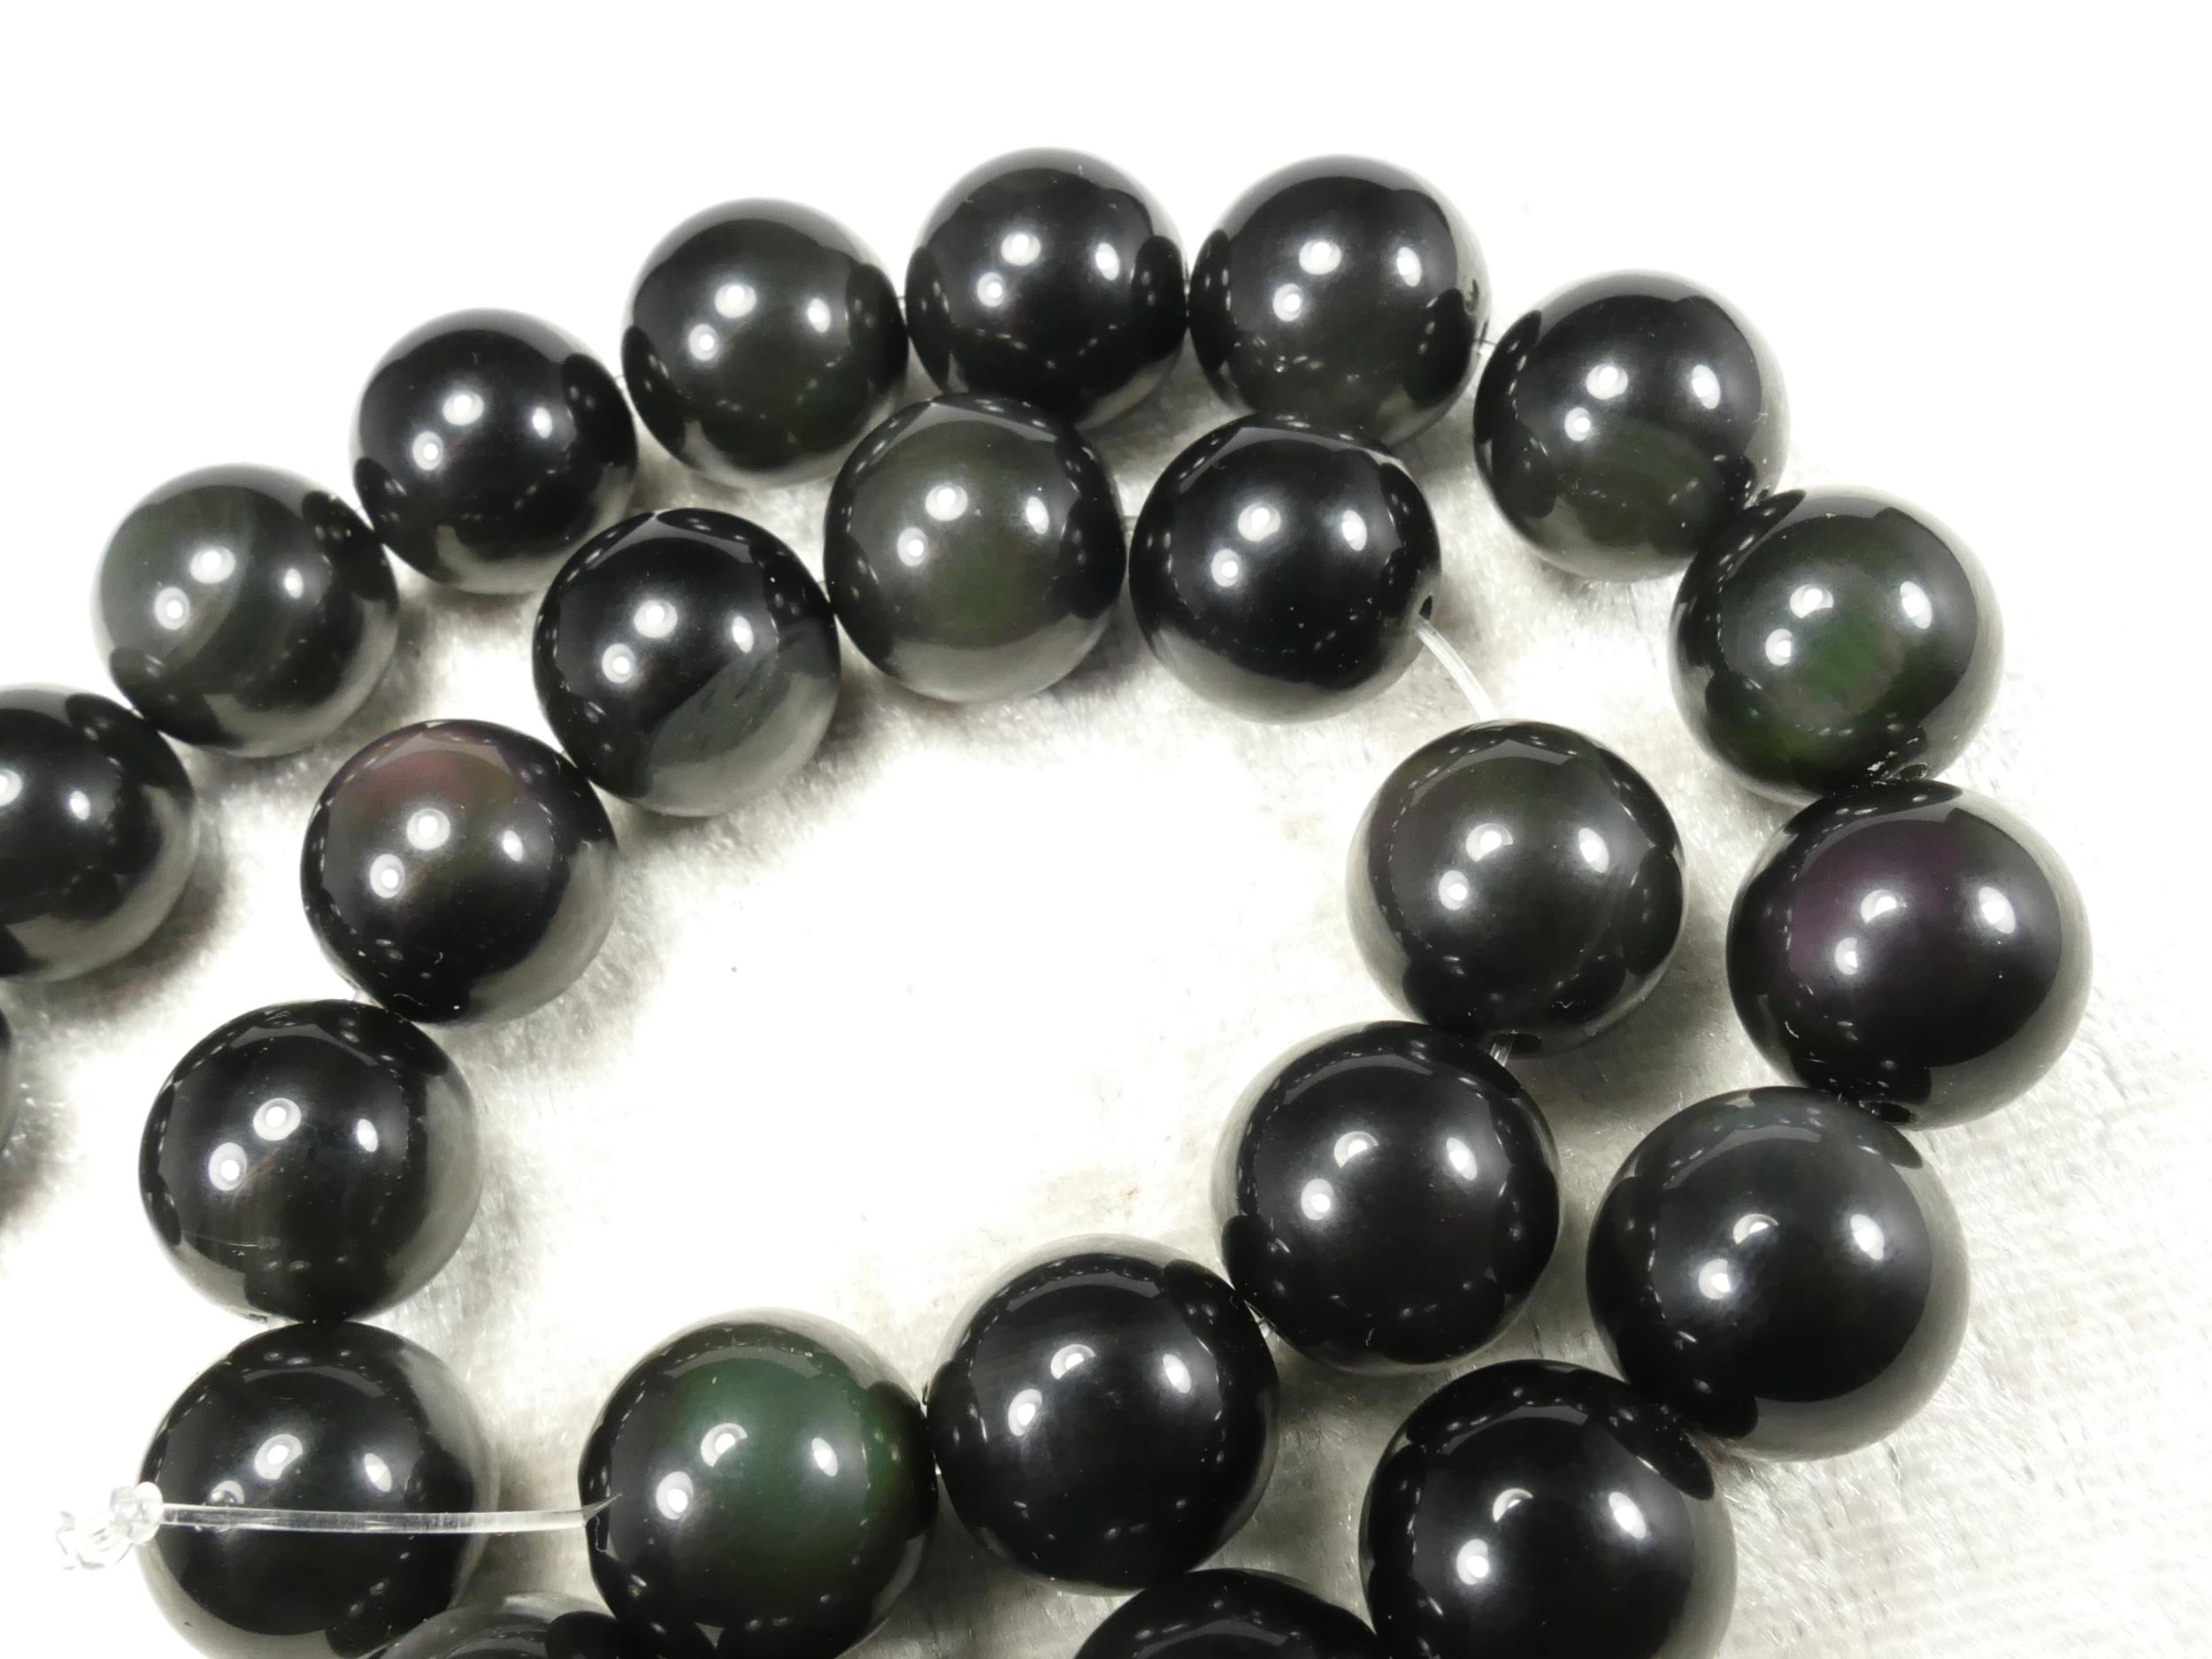 12mm x10 Perles d\'Obsidienne naturelle arc-en-ciel en boule / ronde lisse du Mexique (#AC653)